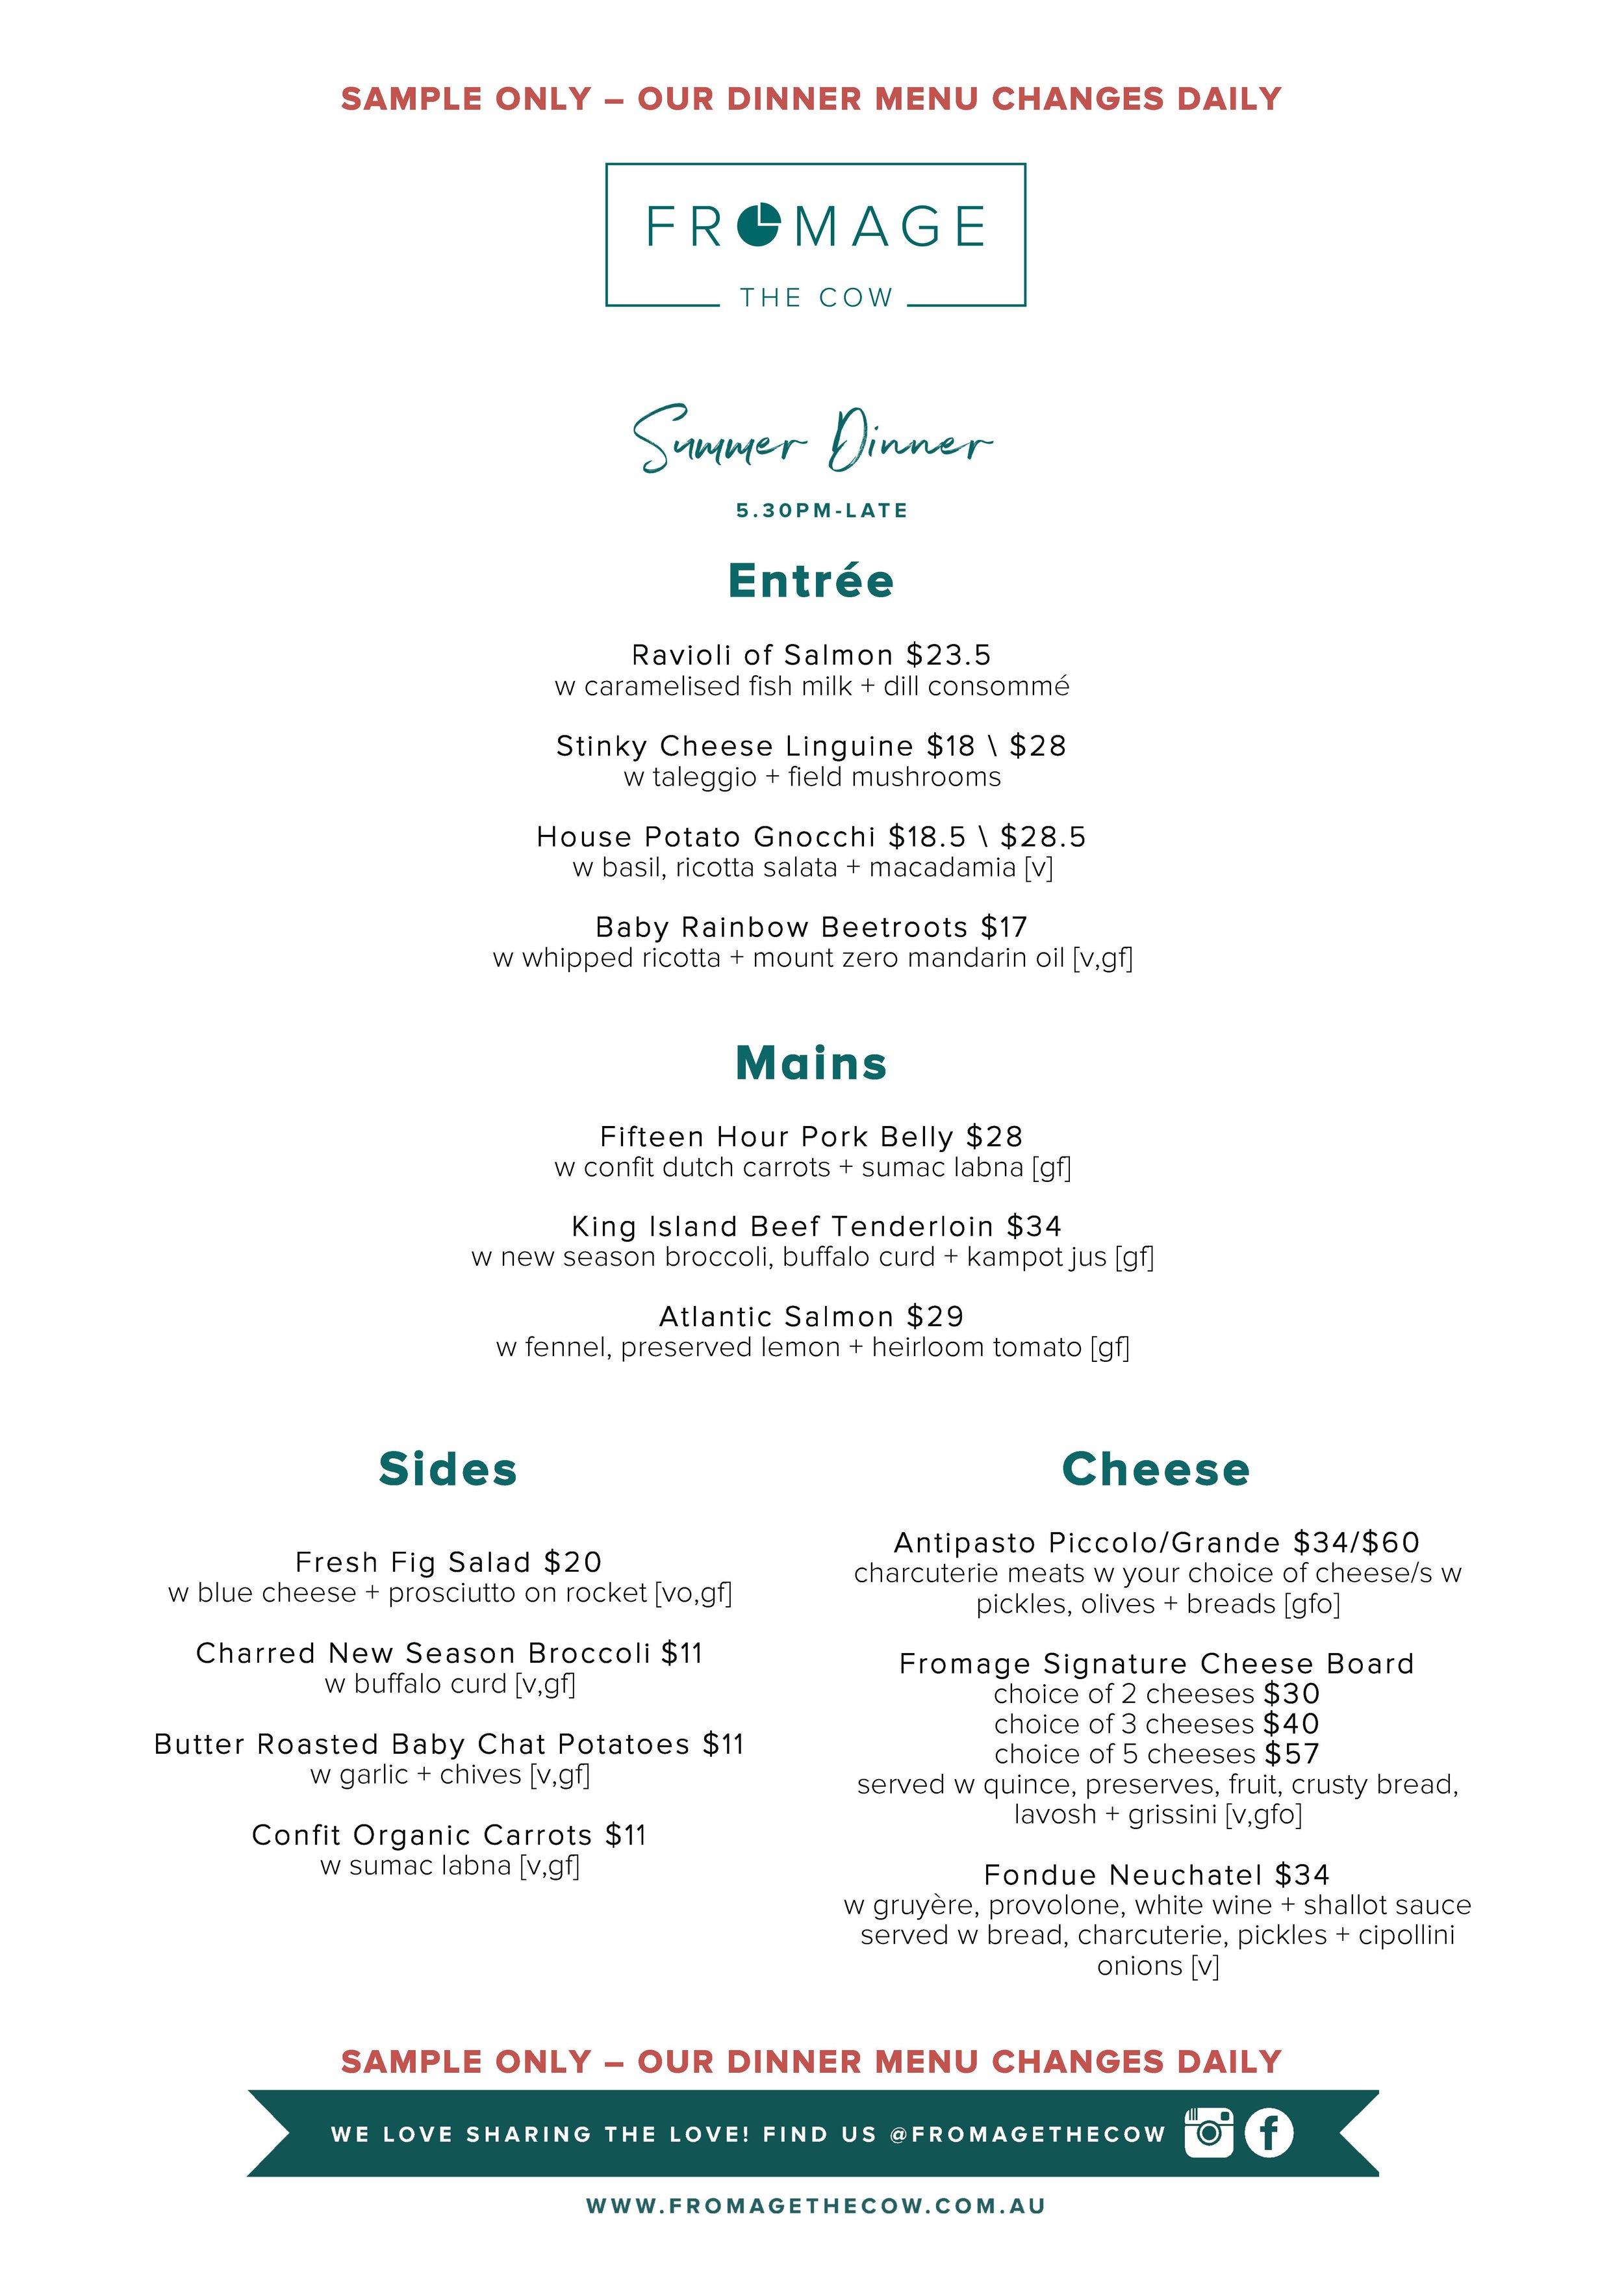 Summer 2019 Dinner Menu 09_01-PLEASE NOTE.jpg